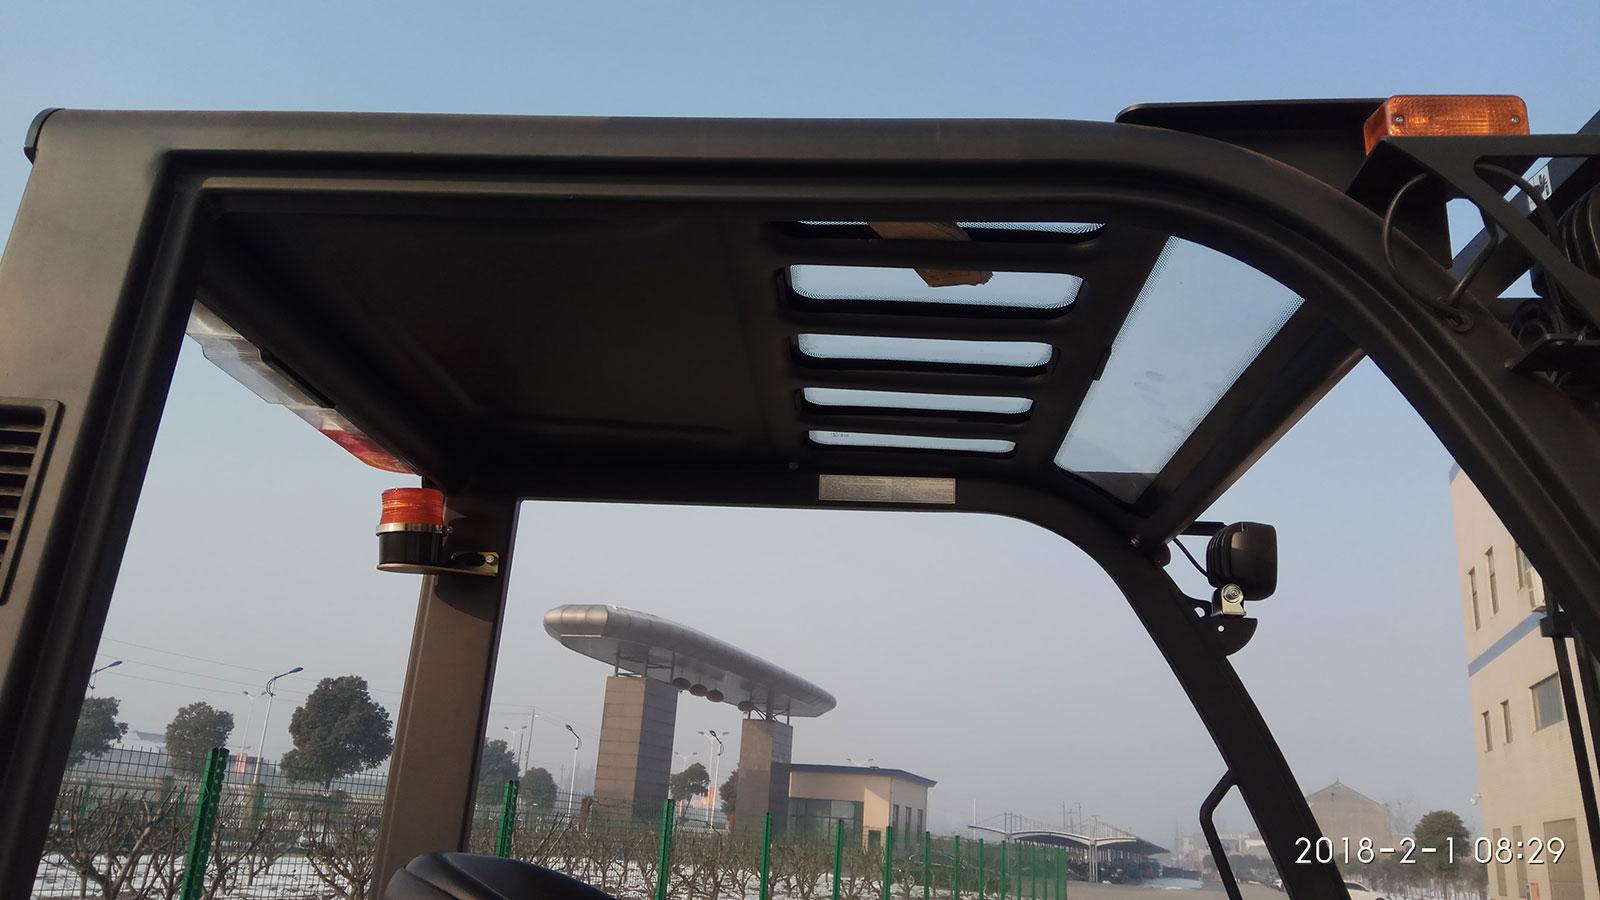 khung xe nâng dầu mga forklift 4.0 tấn